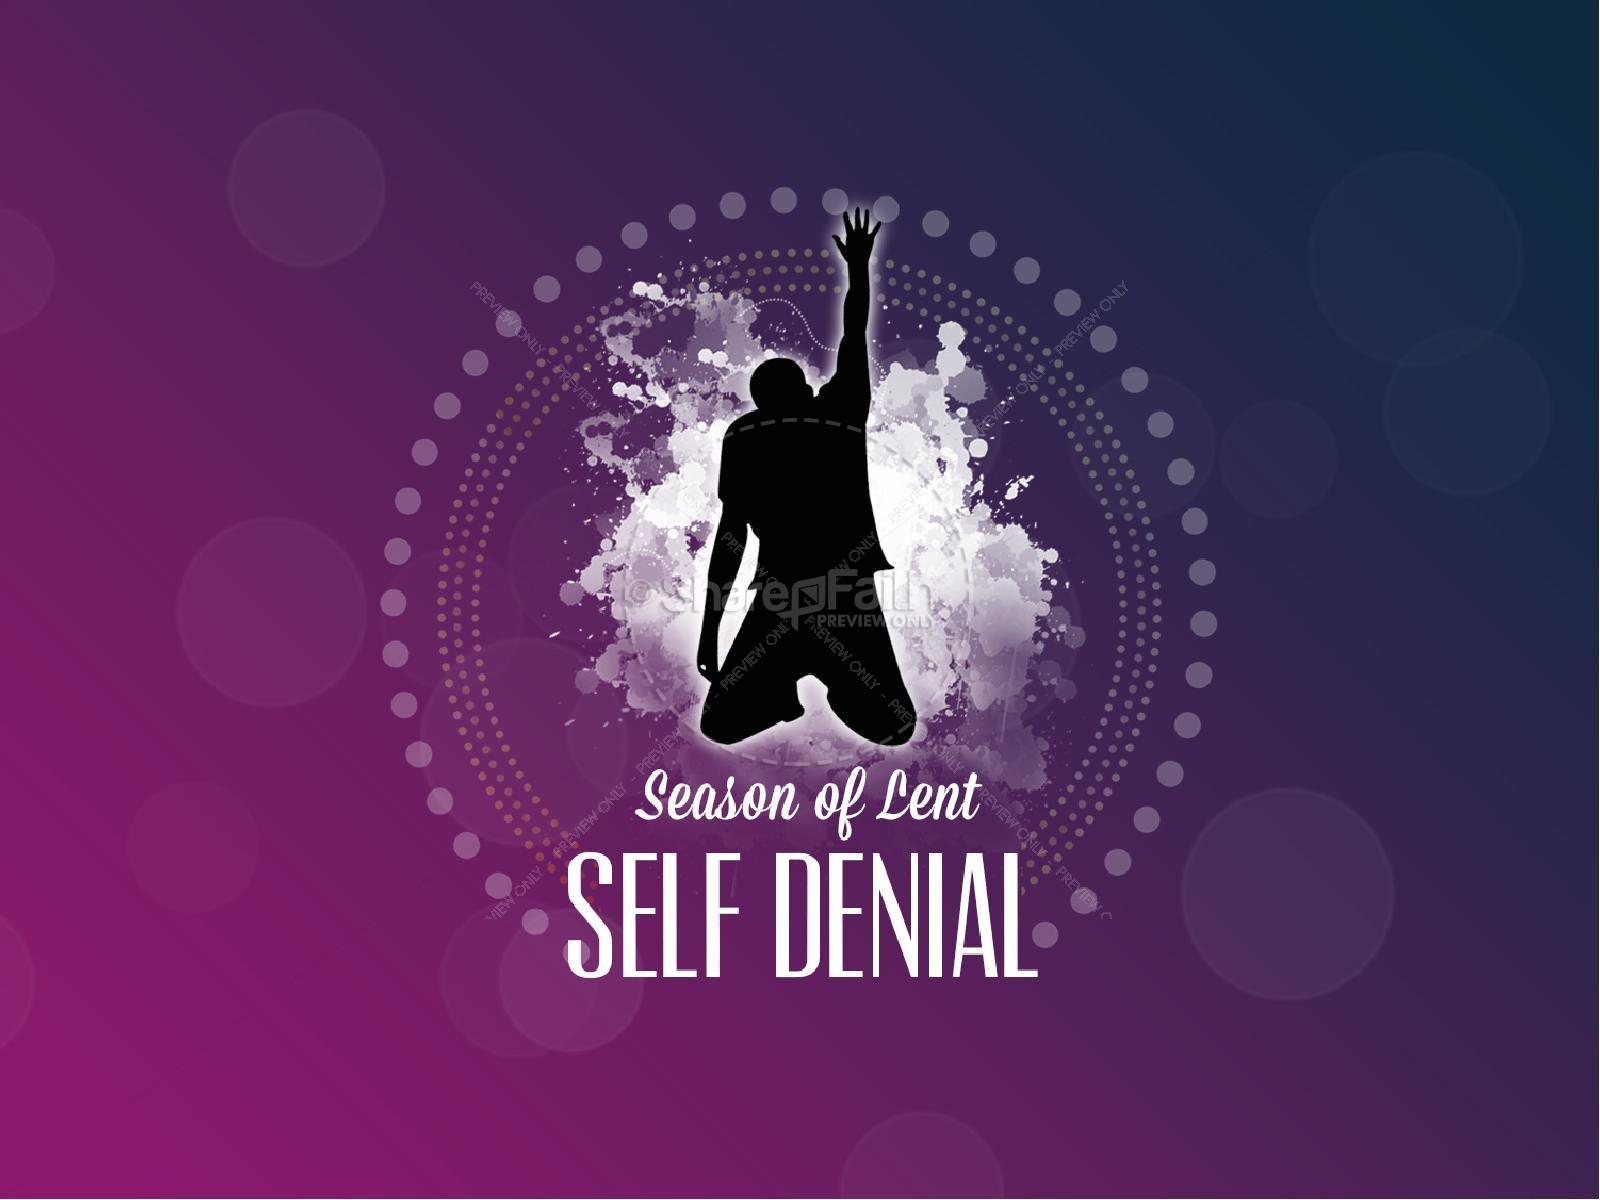 Season of Lent Self Denial   slide 1